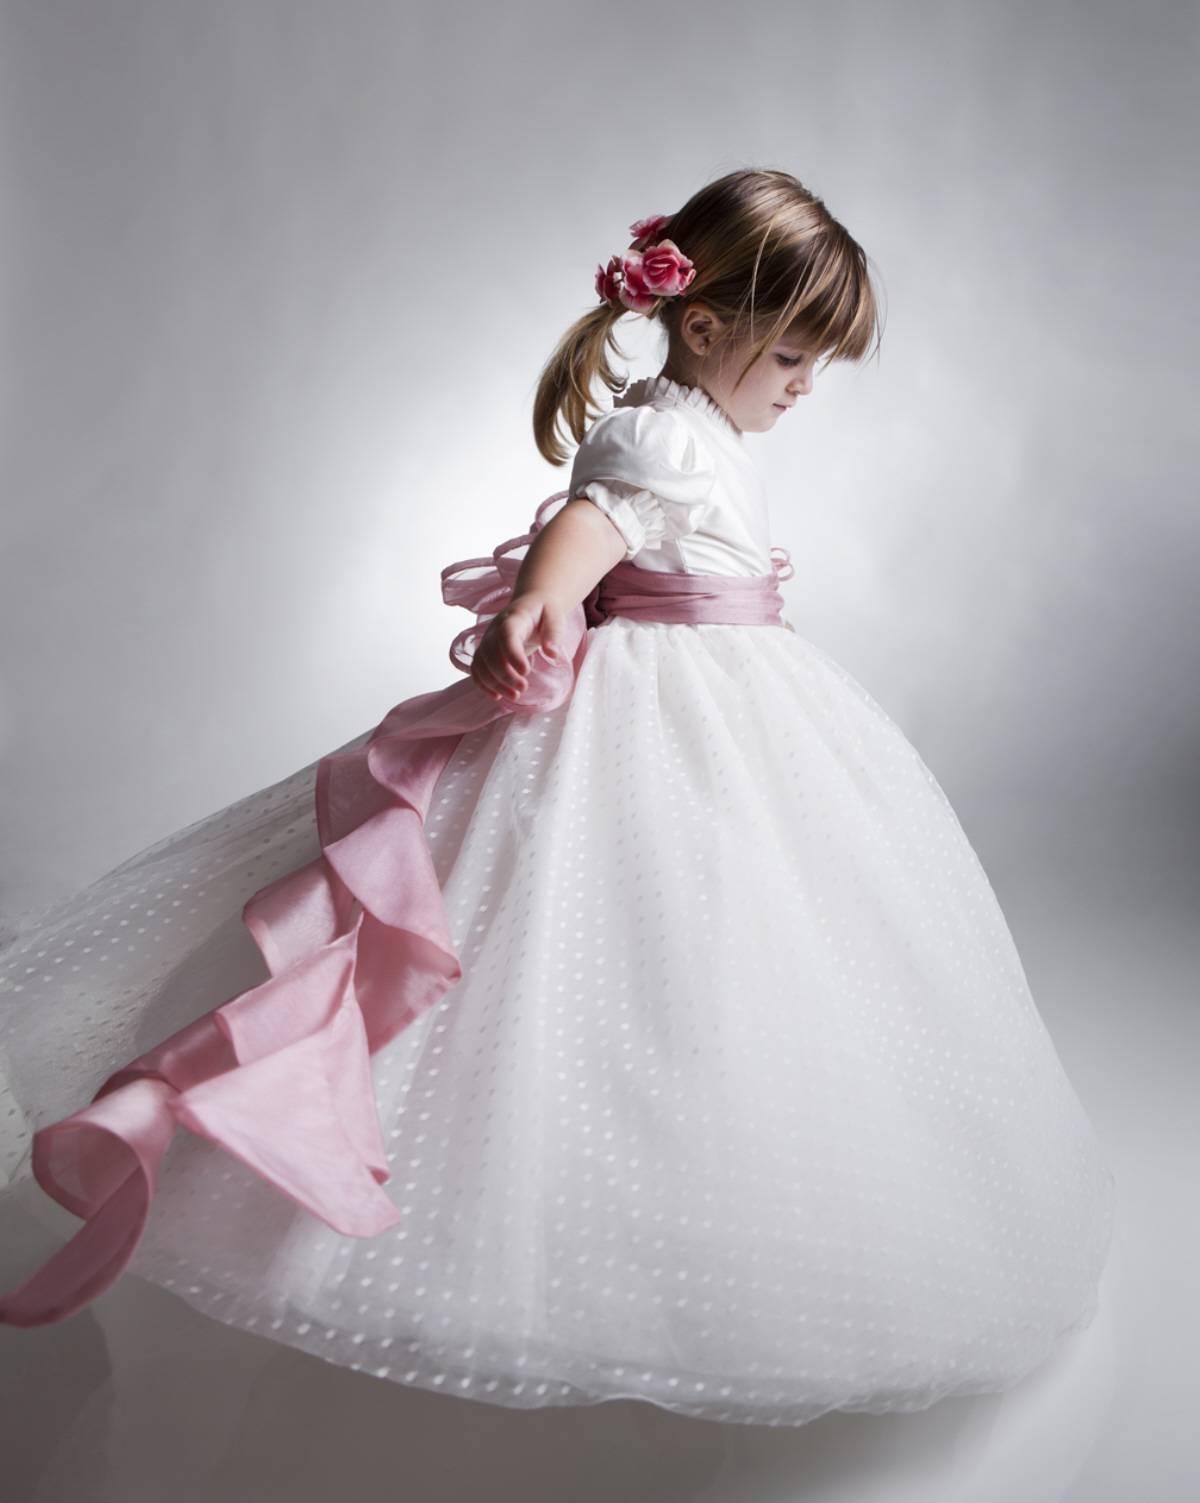 penteado vestido menina alianca 9